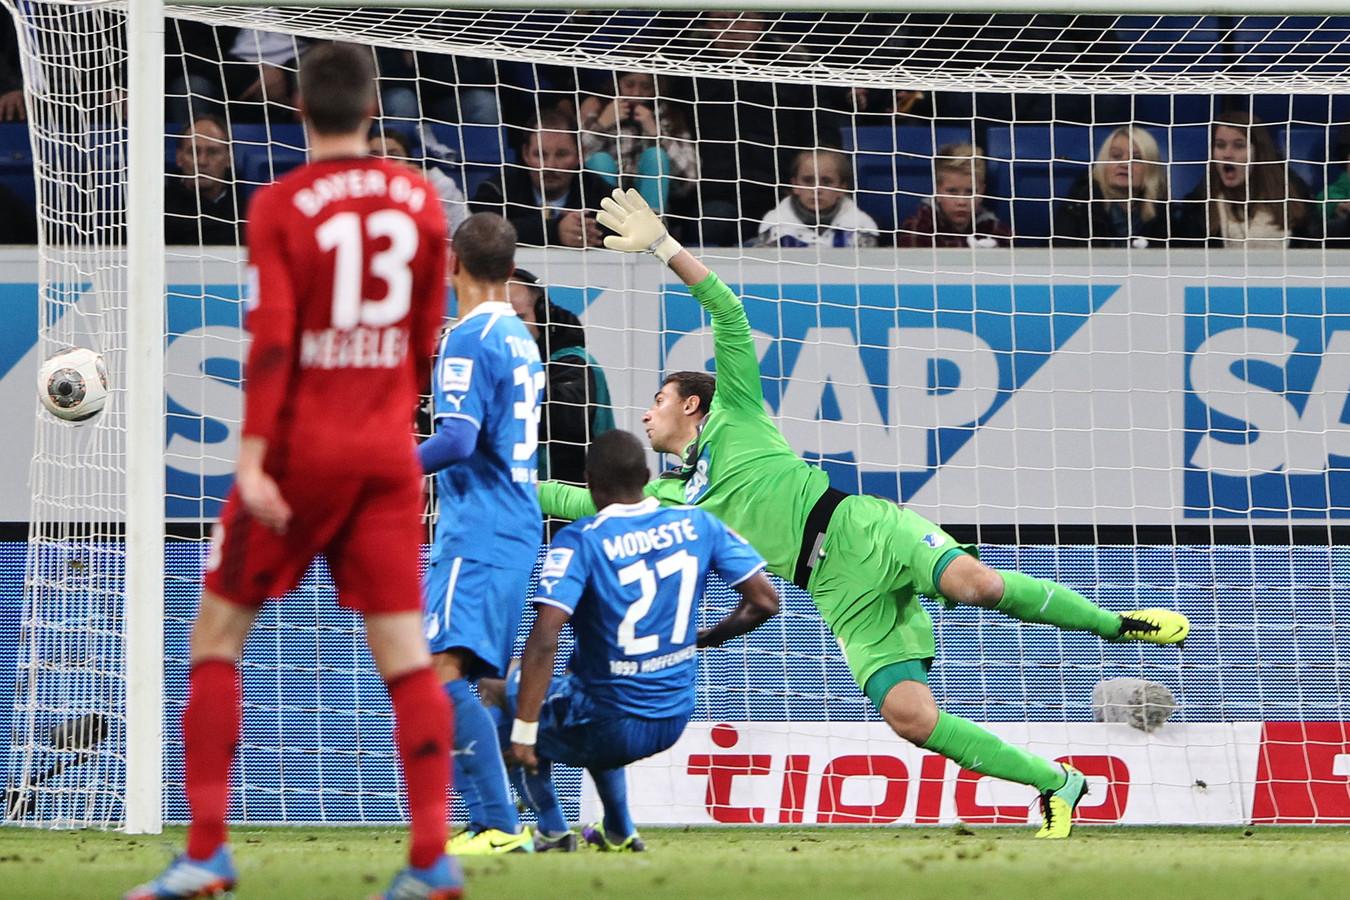 Stefan Kiessling lijkt te missen, maar de bal gaat door het net..